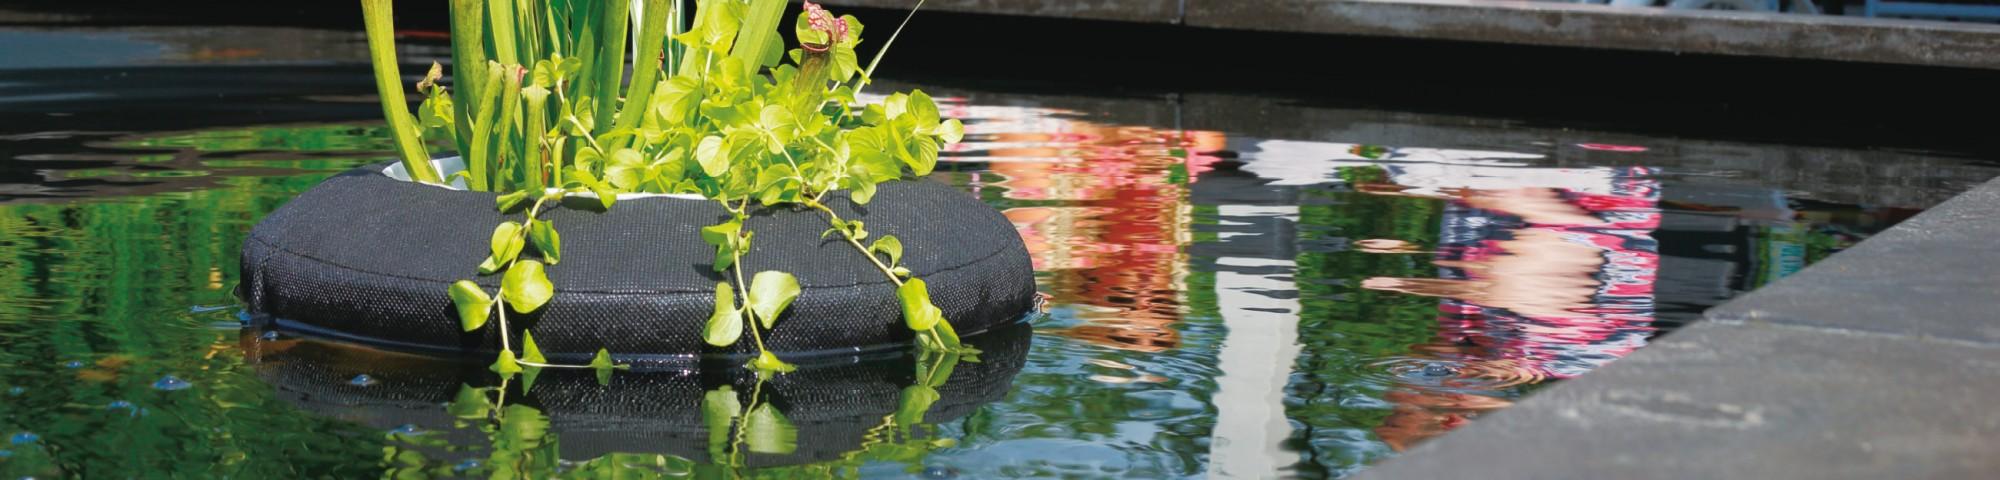 Teich Tipps für das Frühjahr